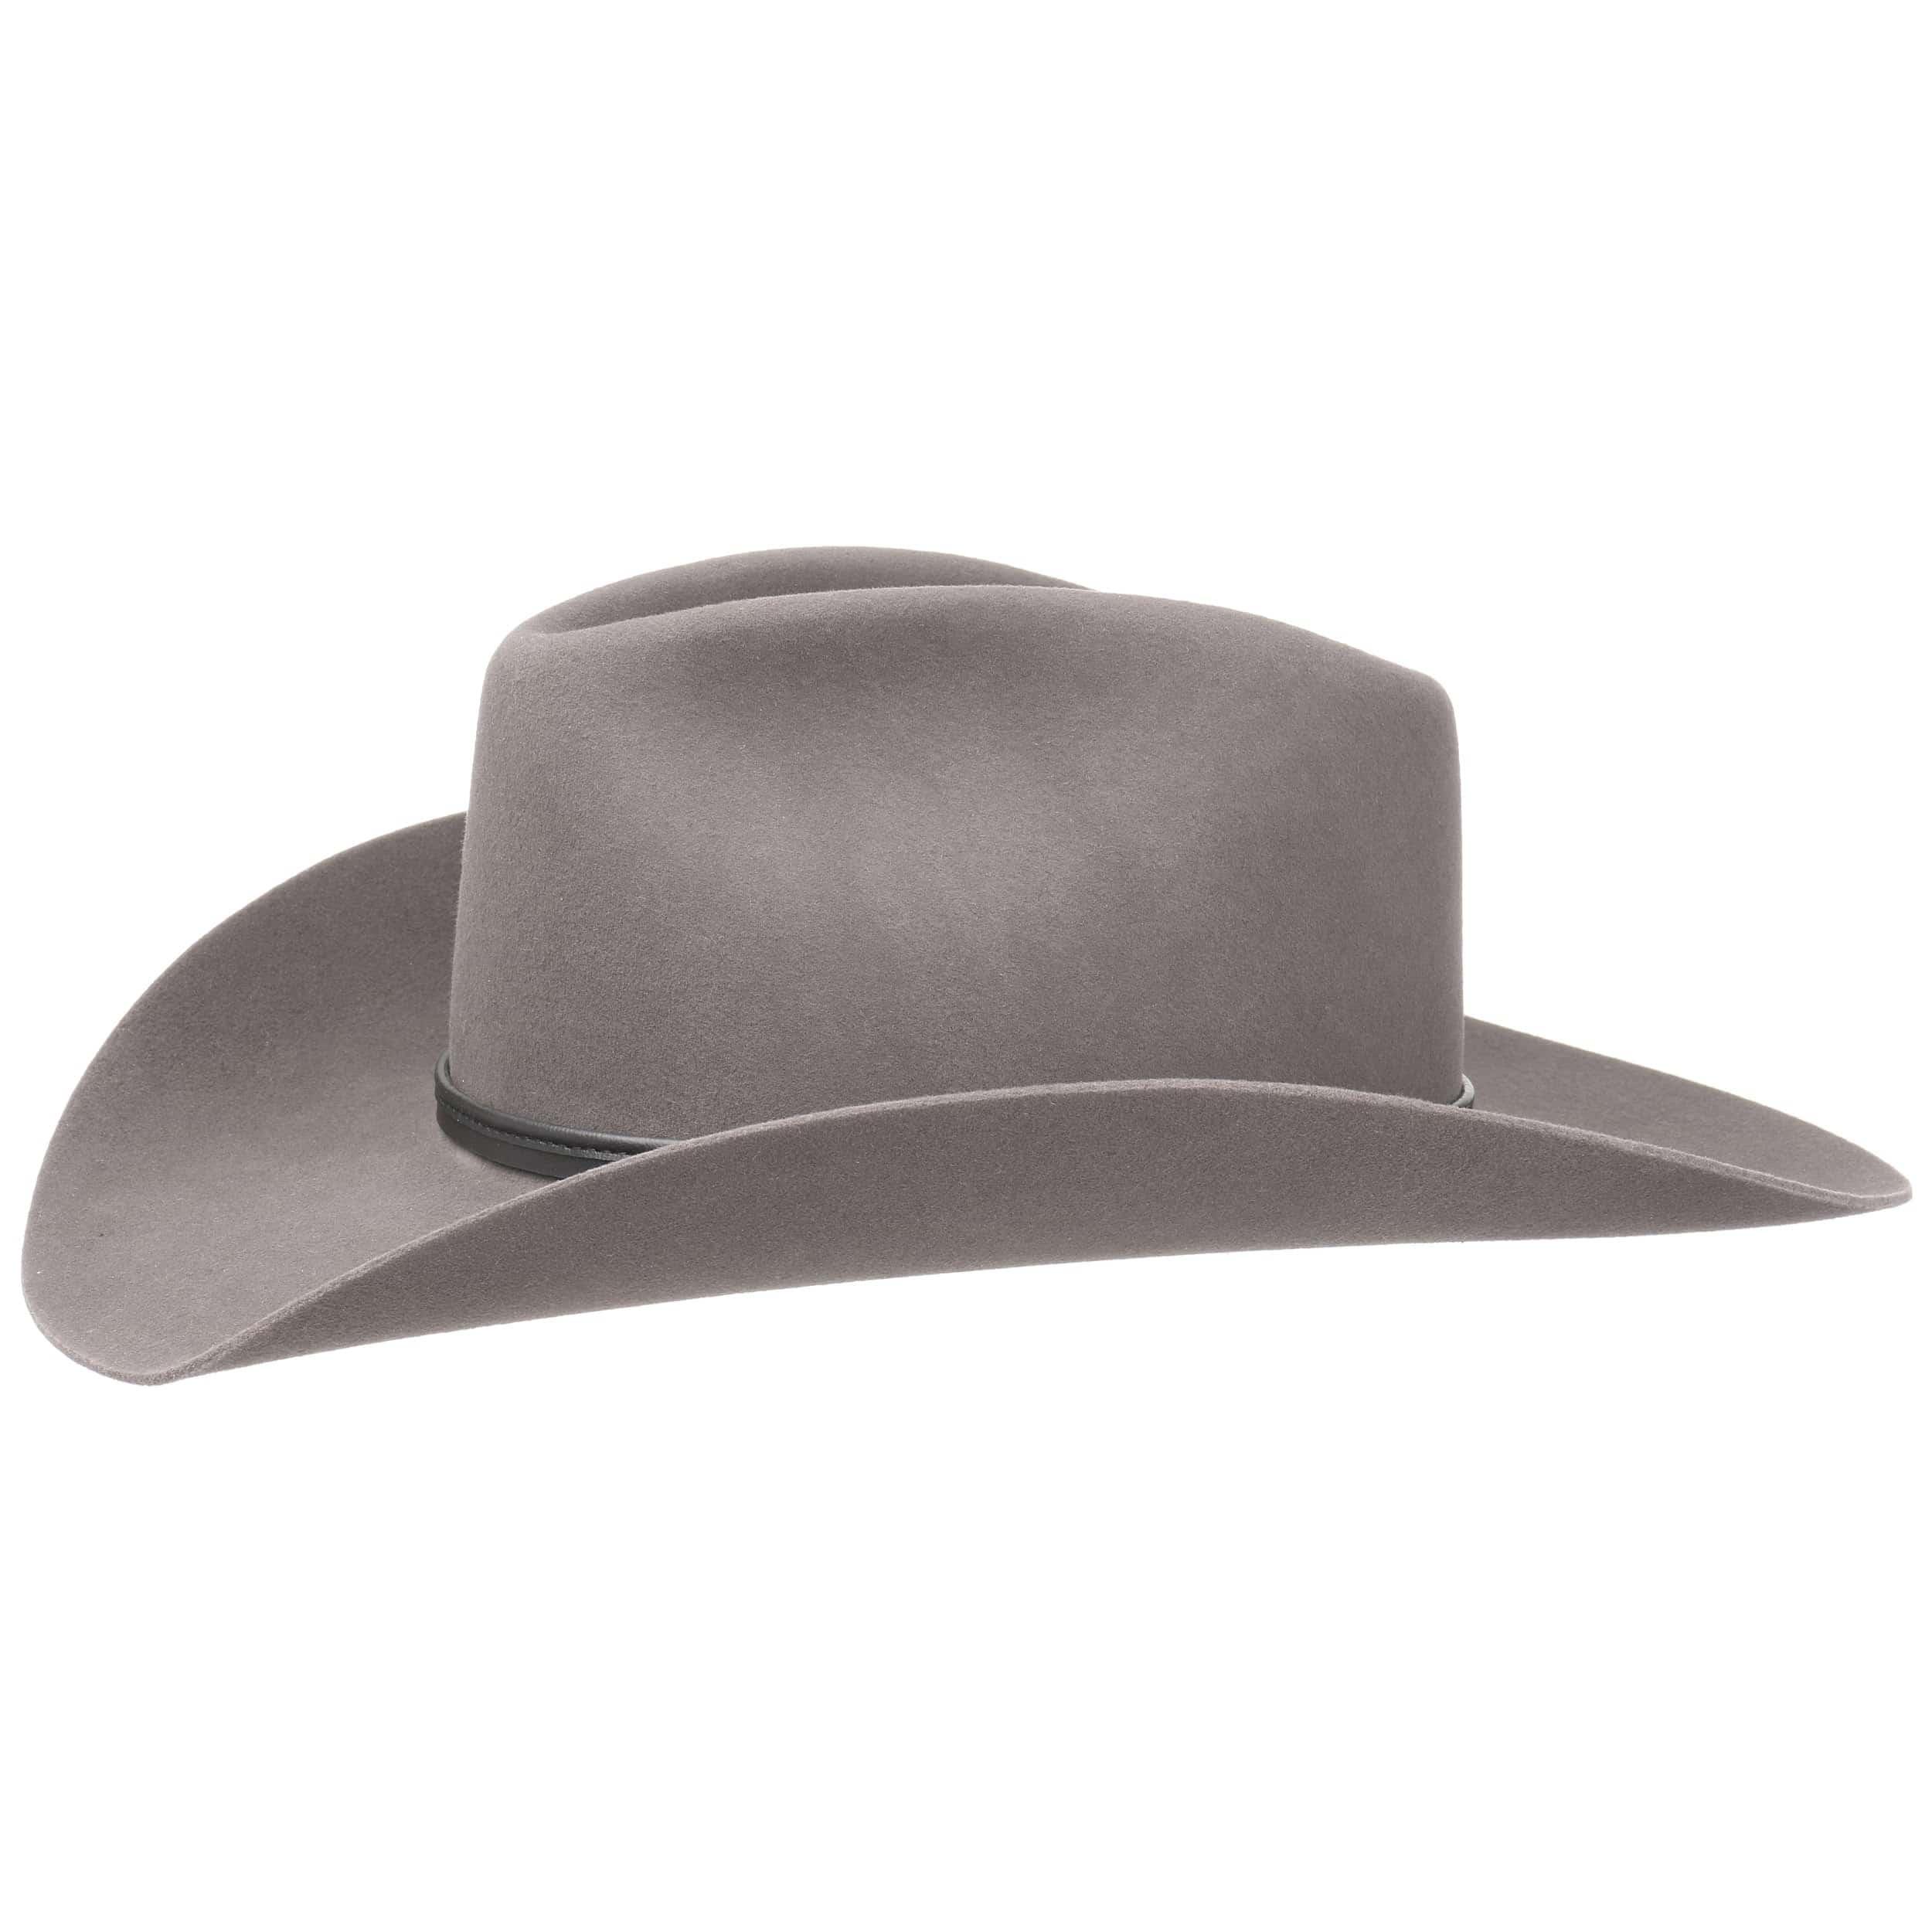 dd683d9f3 Grey Felt Cowboy Hat